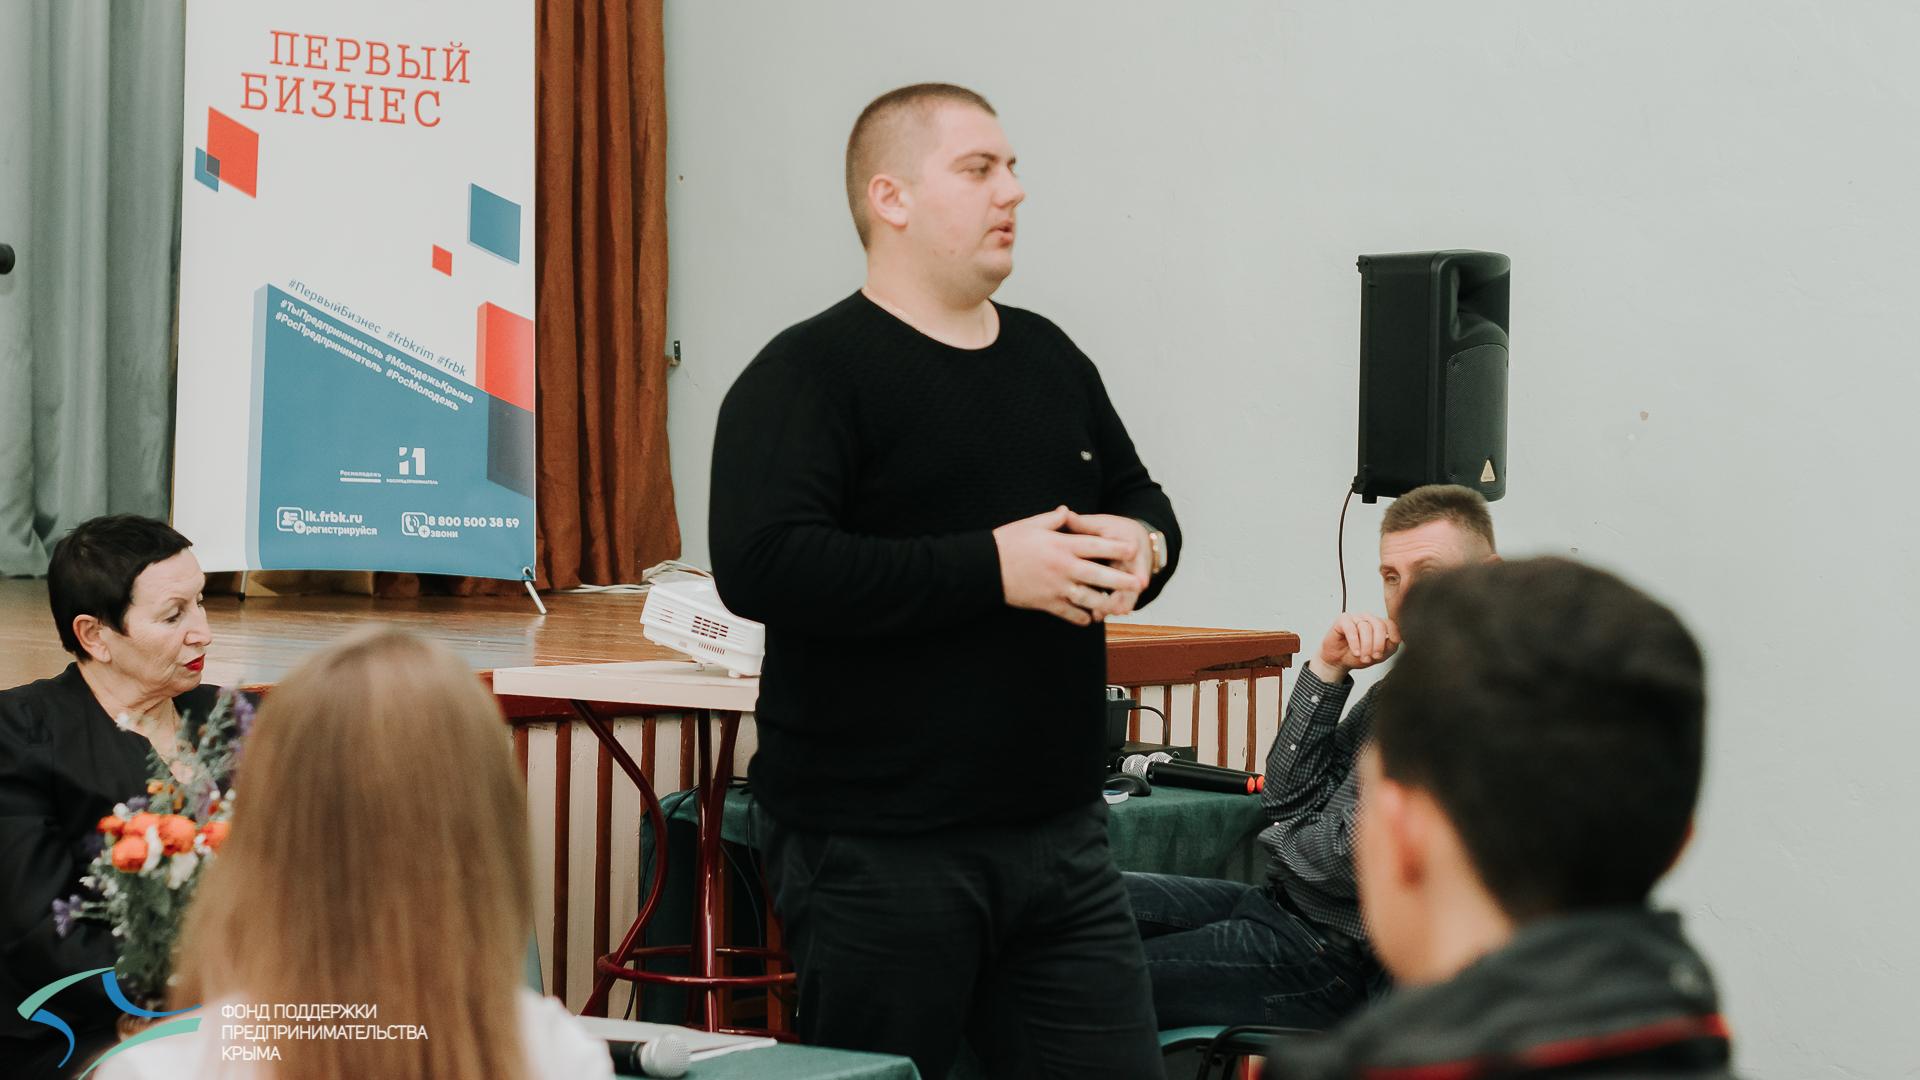 первый бизнес в крыму - школа гвардейское